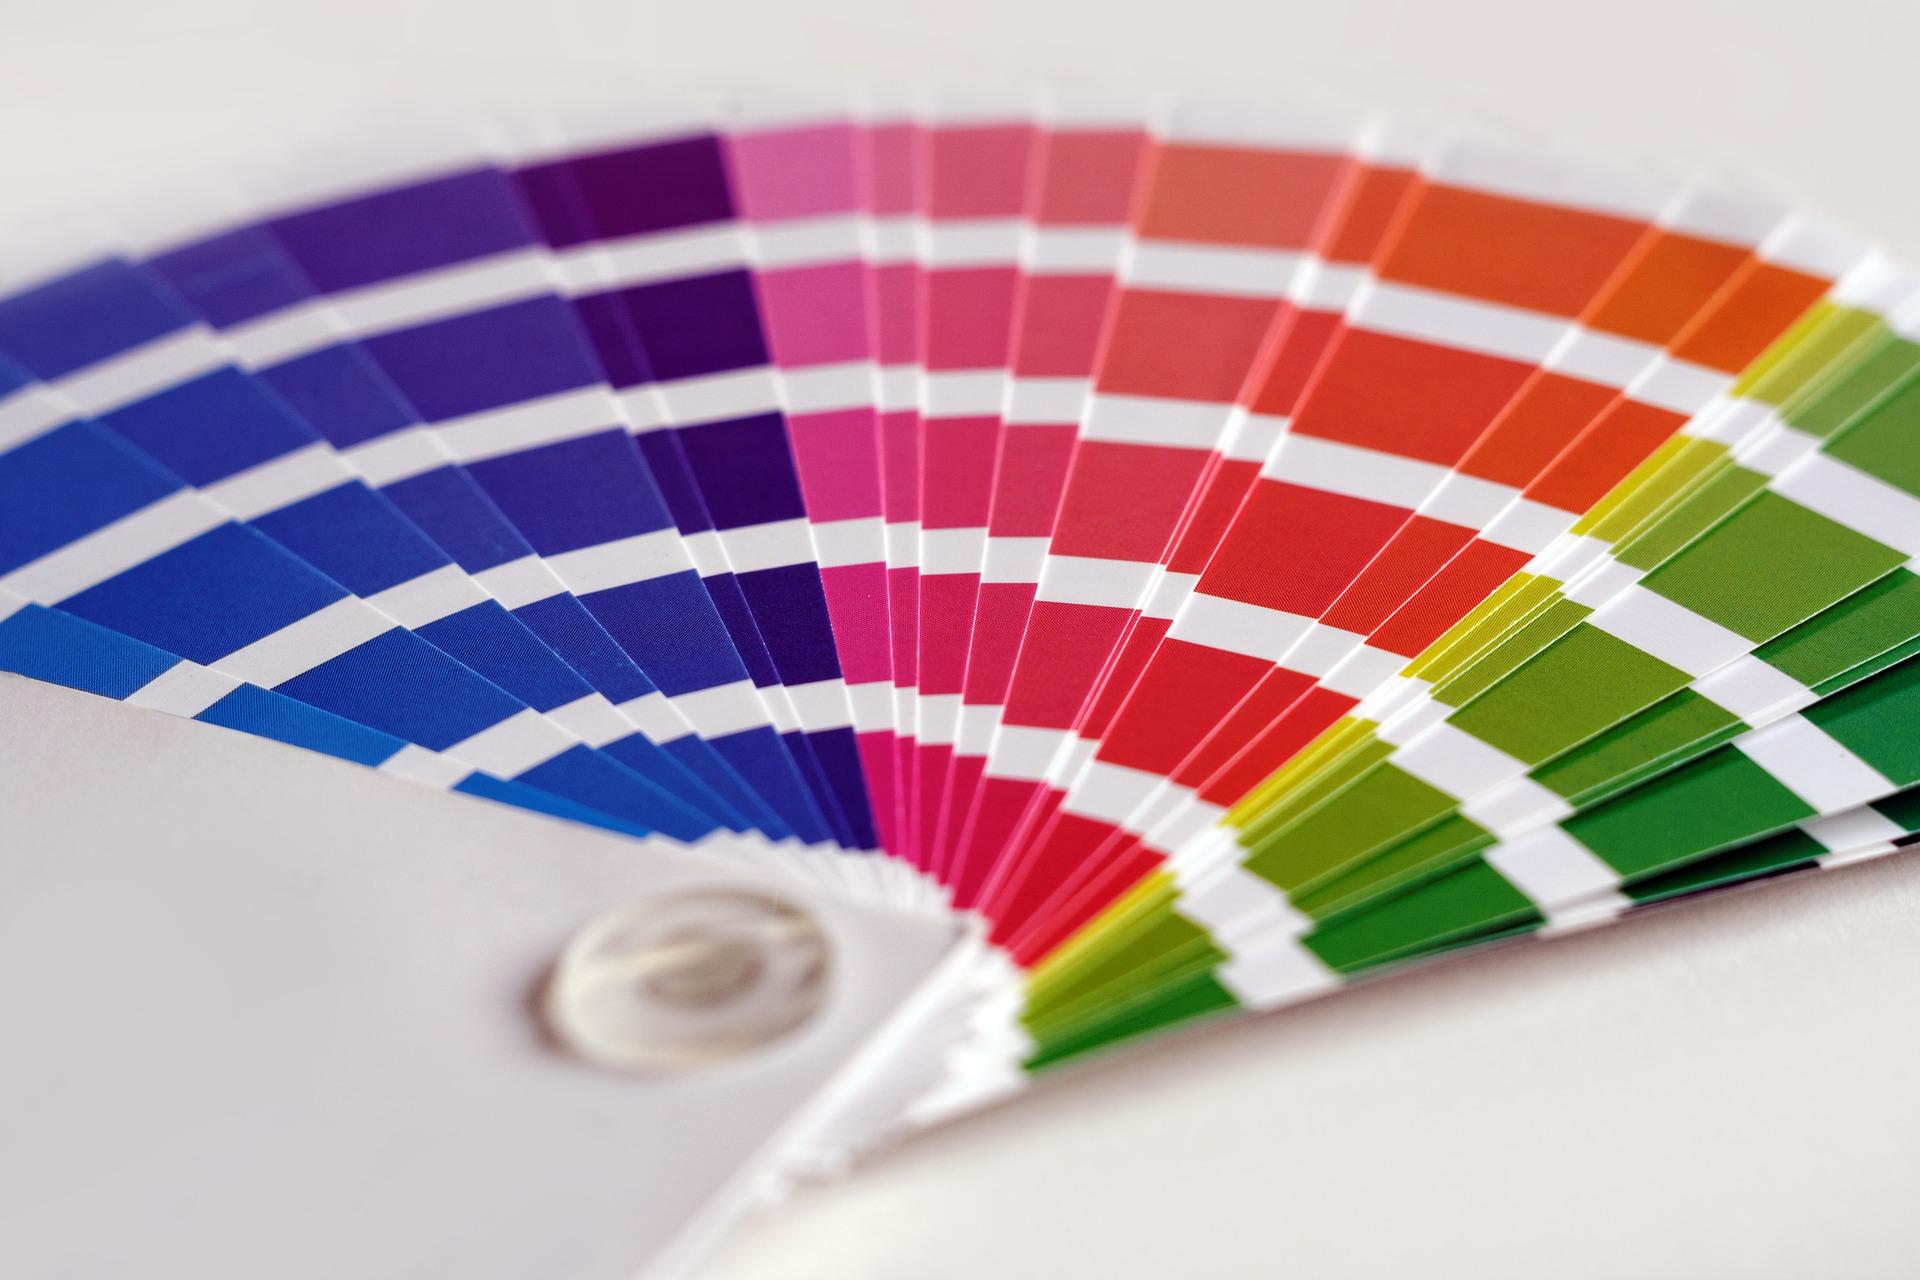 Az arculati színek kiválasztása